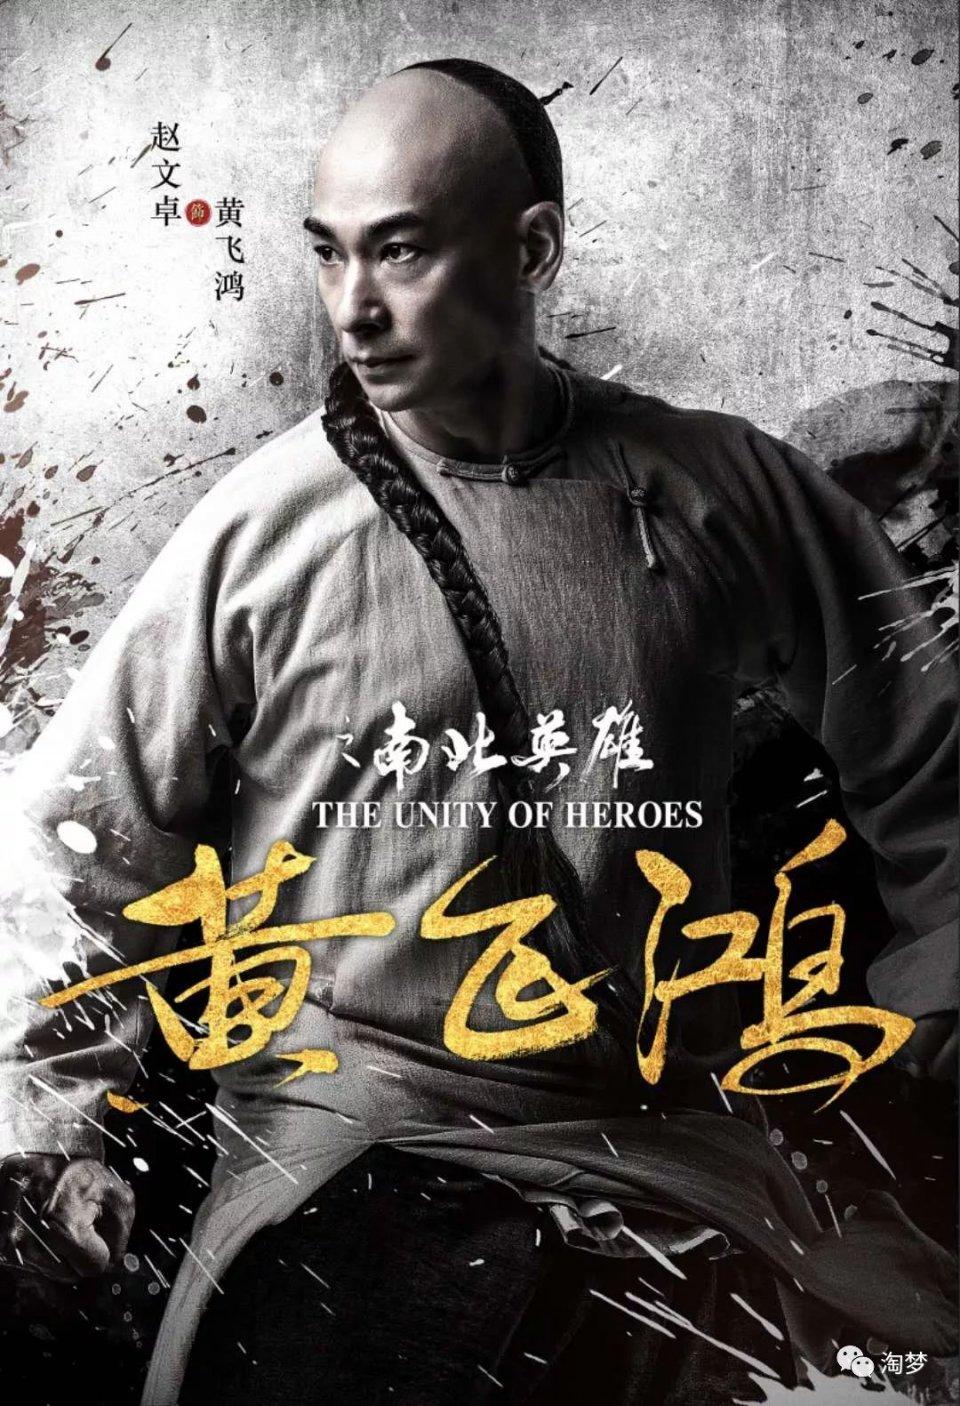 趙文卓版「黃飛鴻」霸氣回歸 《黃飛鴻之南北英雄》今日上線 - 壹讀